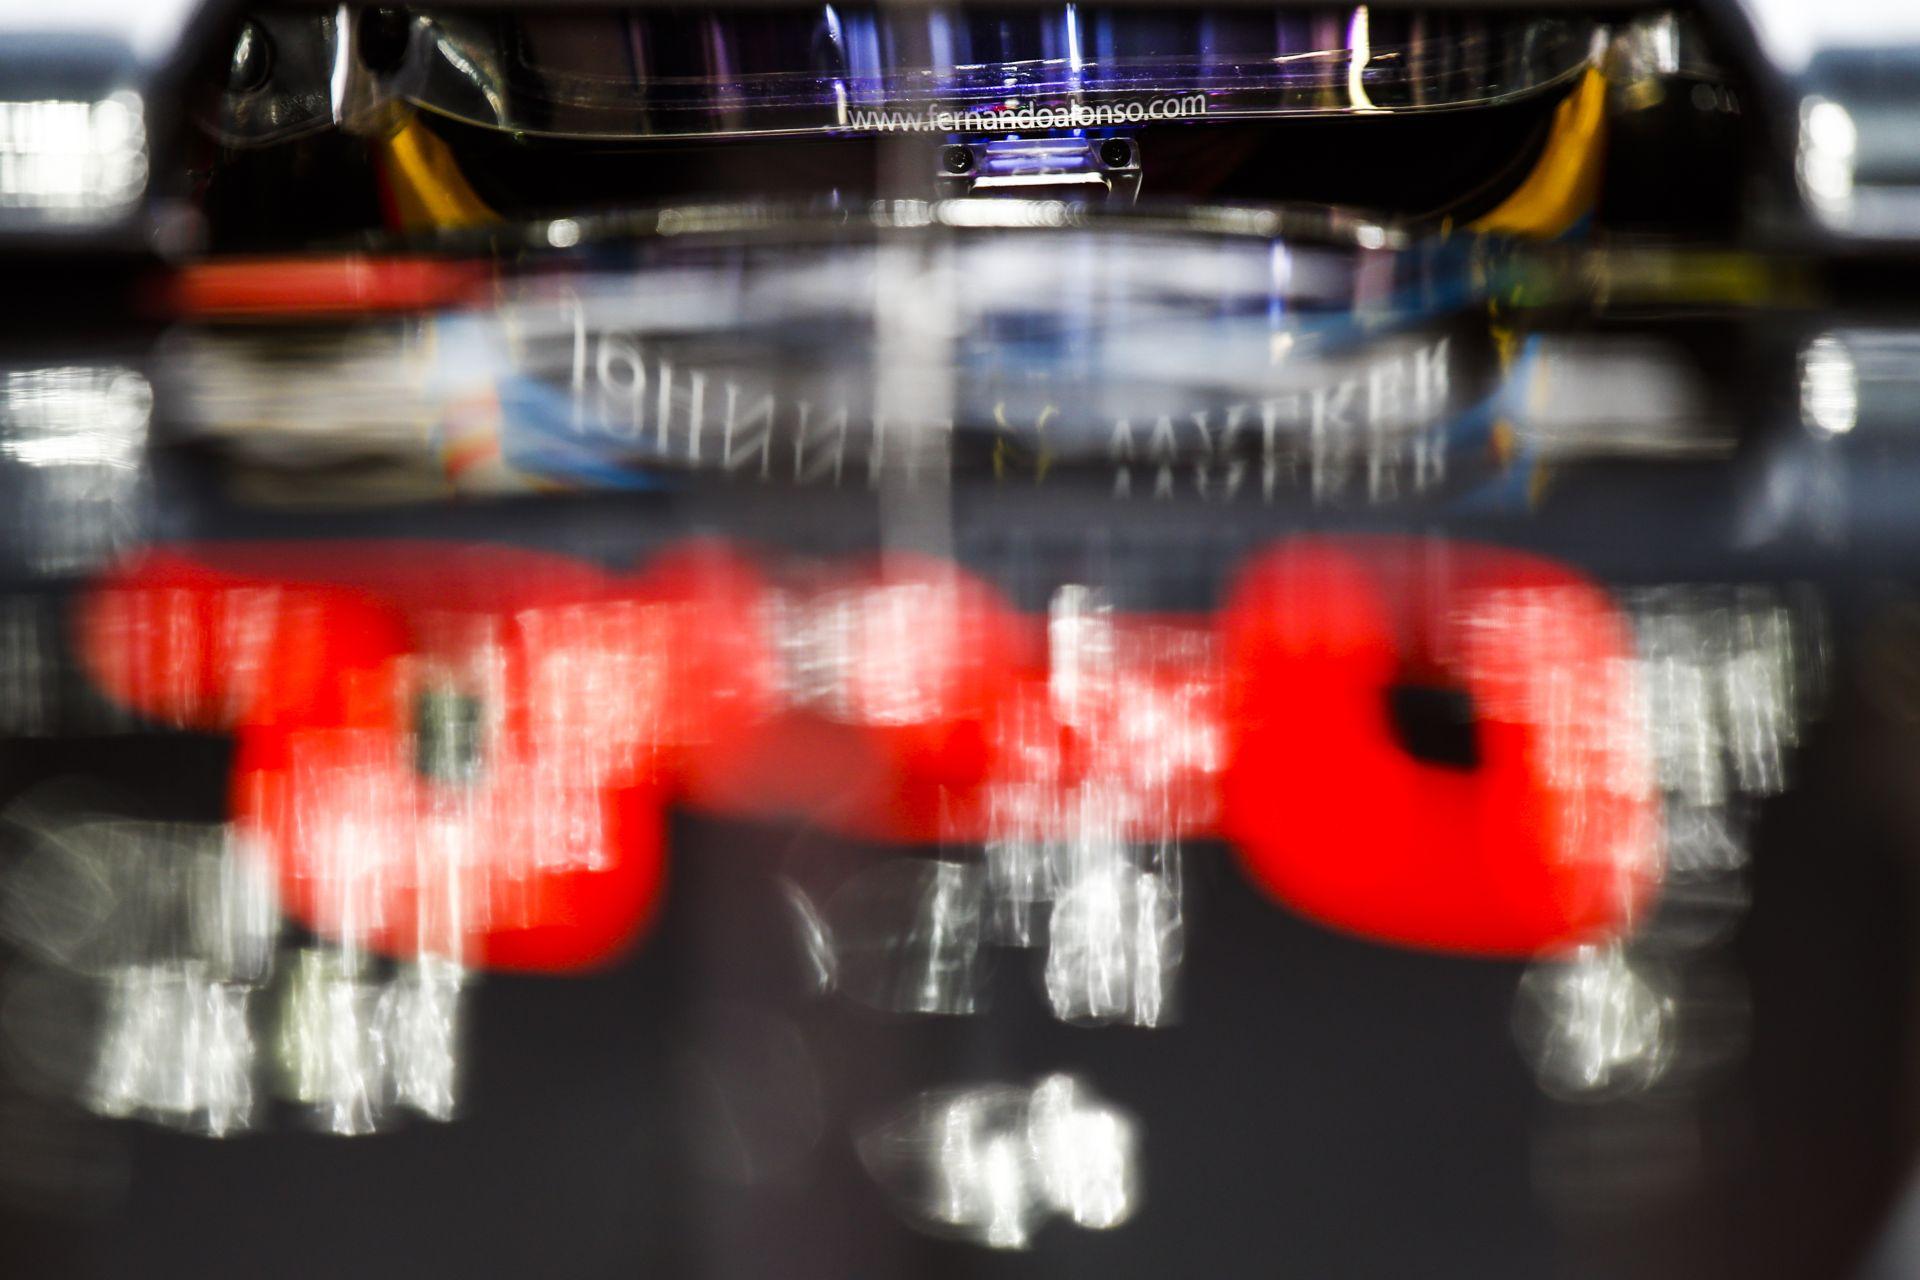 A Ferrarinak hasonló problémája volt tavaly, mint idén a Hondának